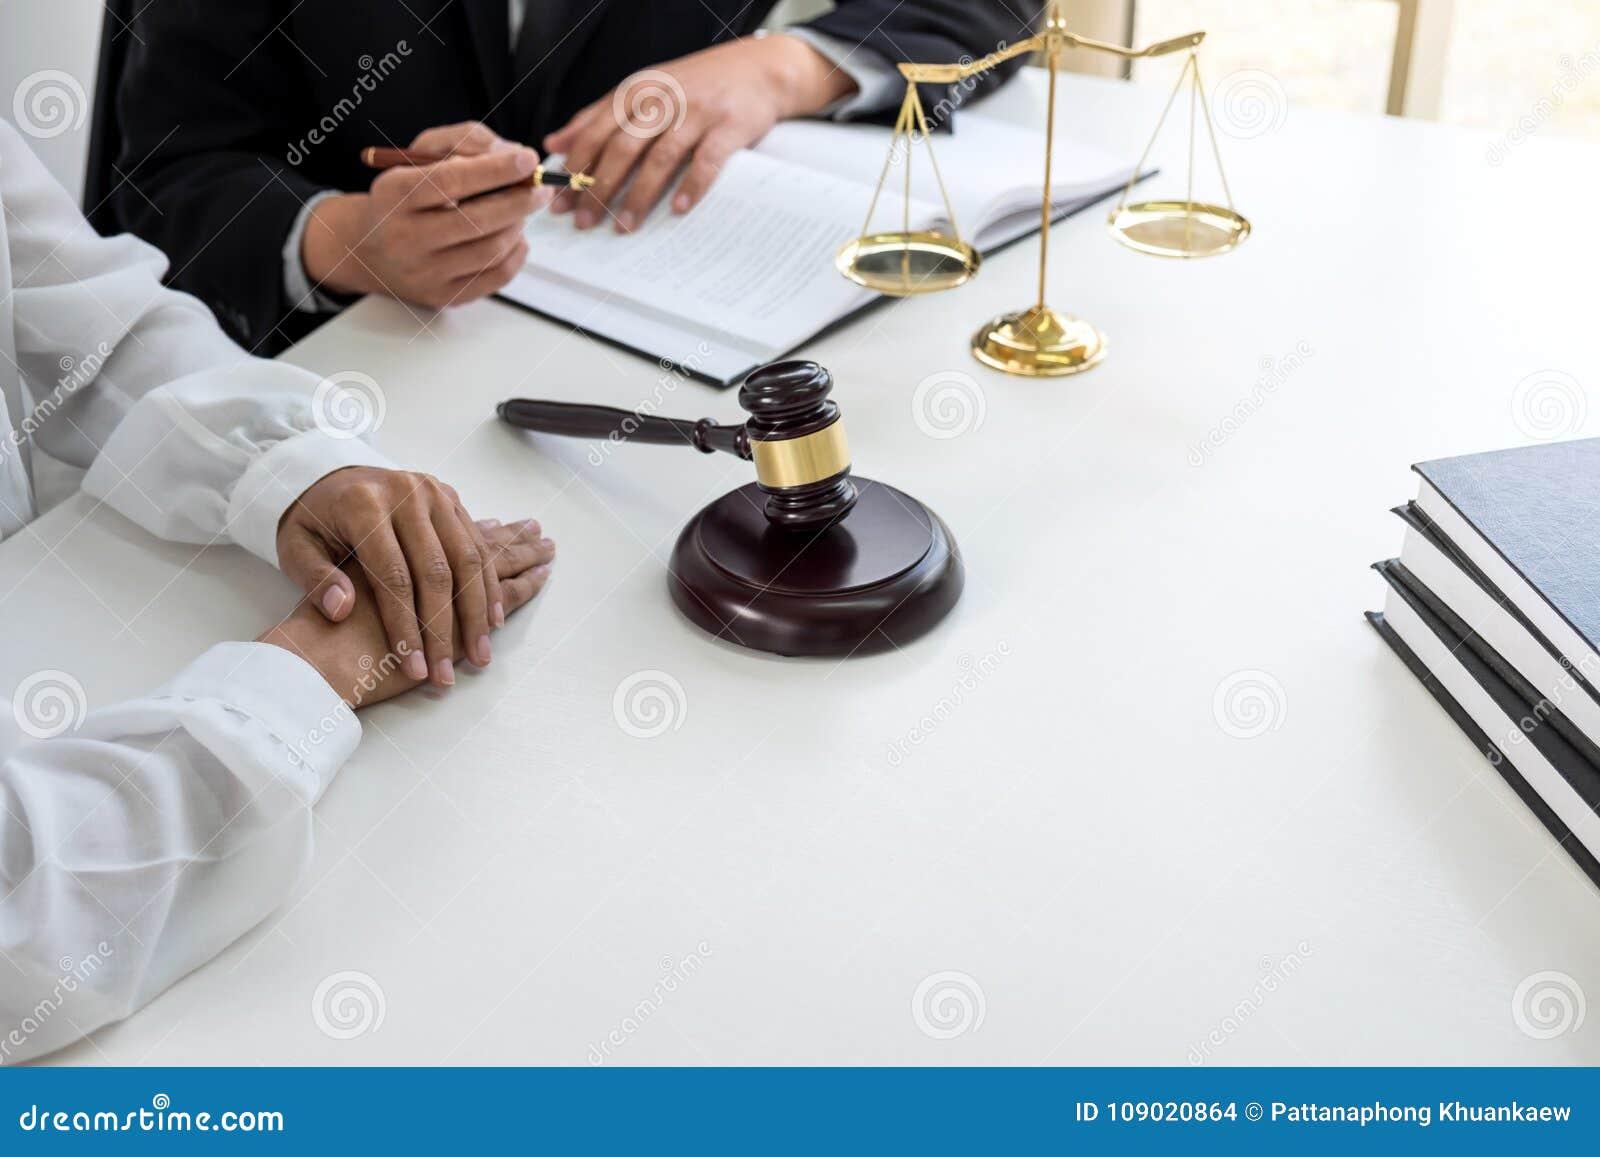 Schließen Sie oben vom Hammer, vom männlichen Rechtsanwalt oder vom Richter Consult mit Kunden und